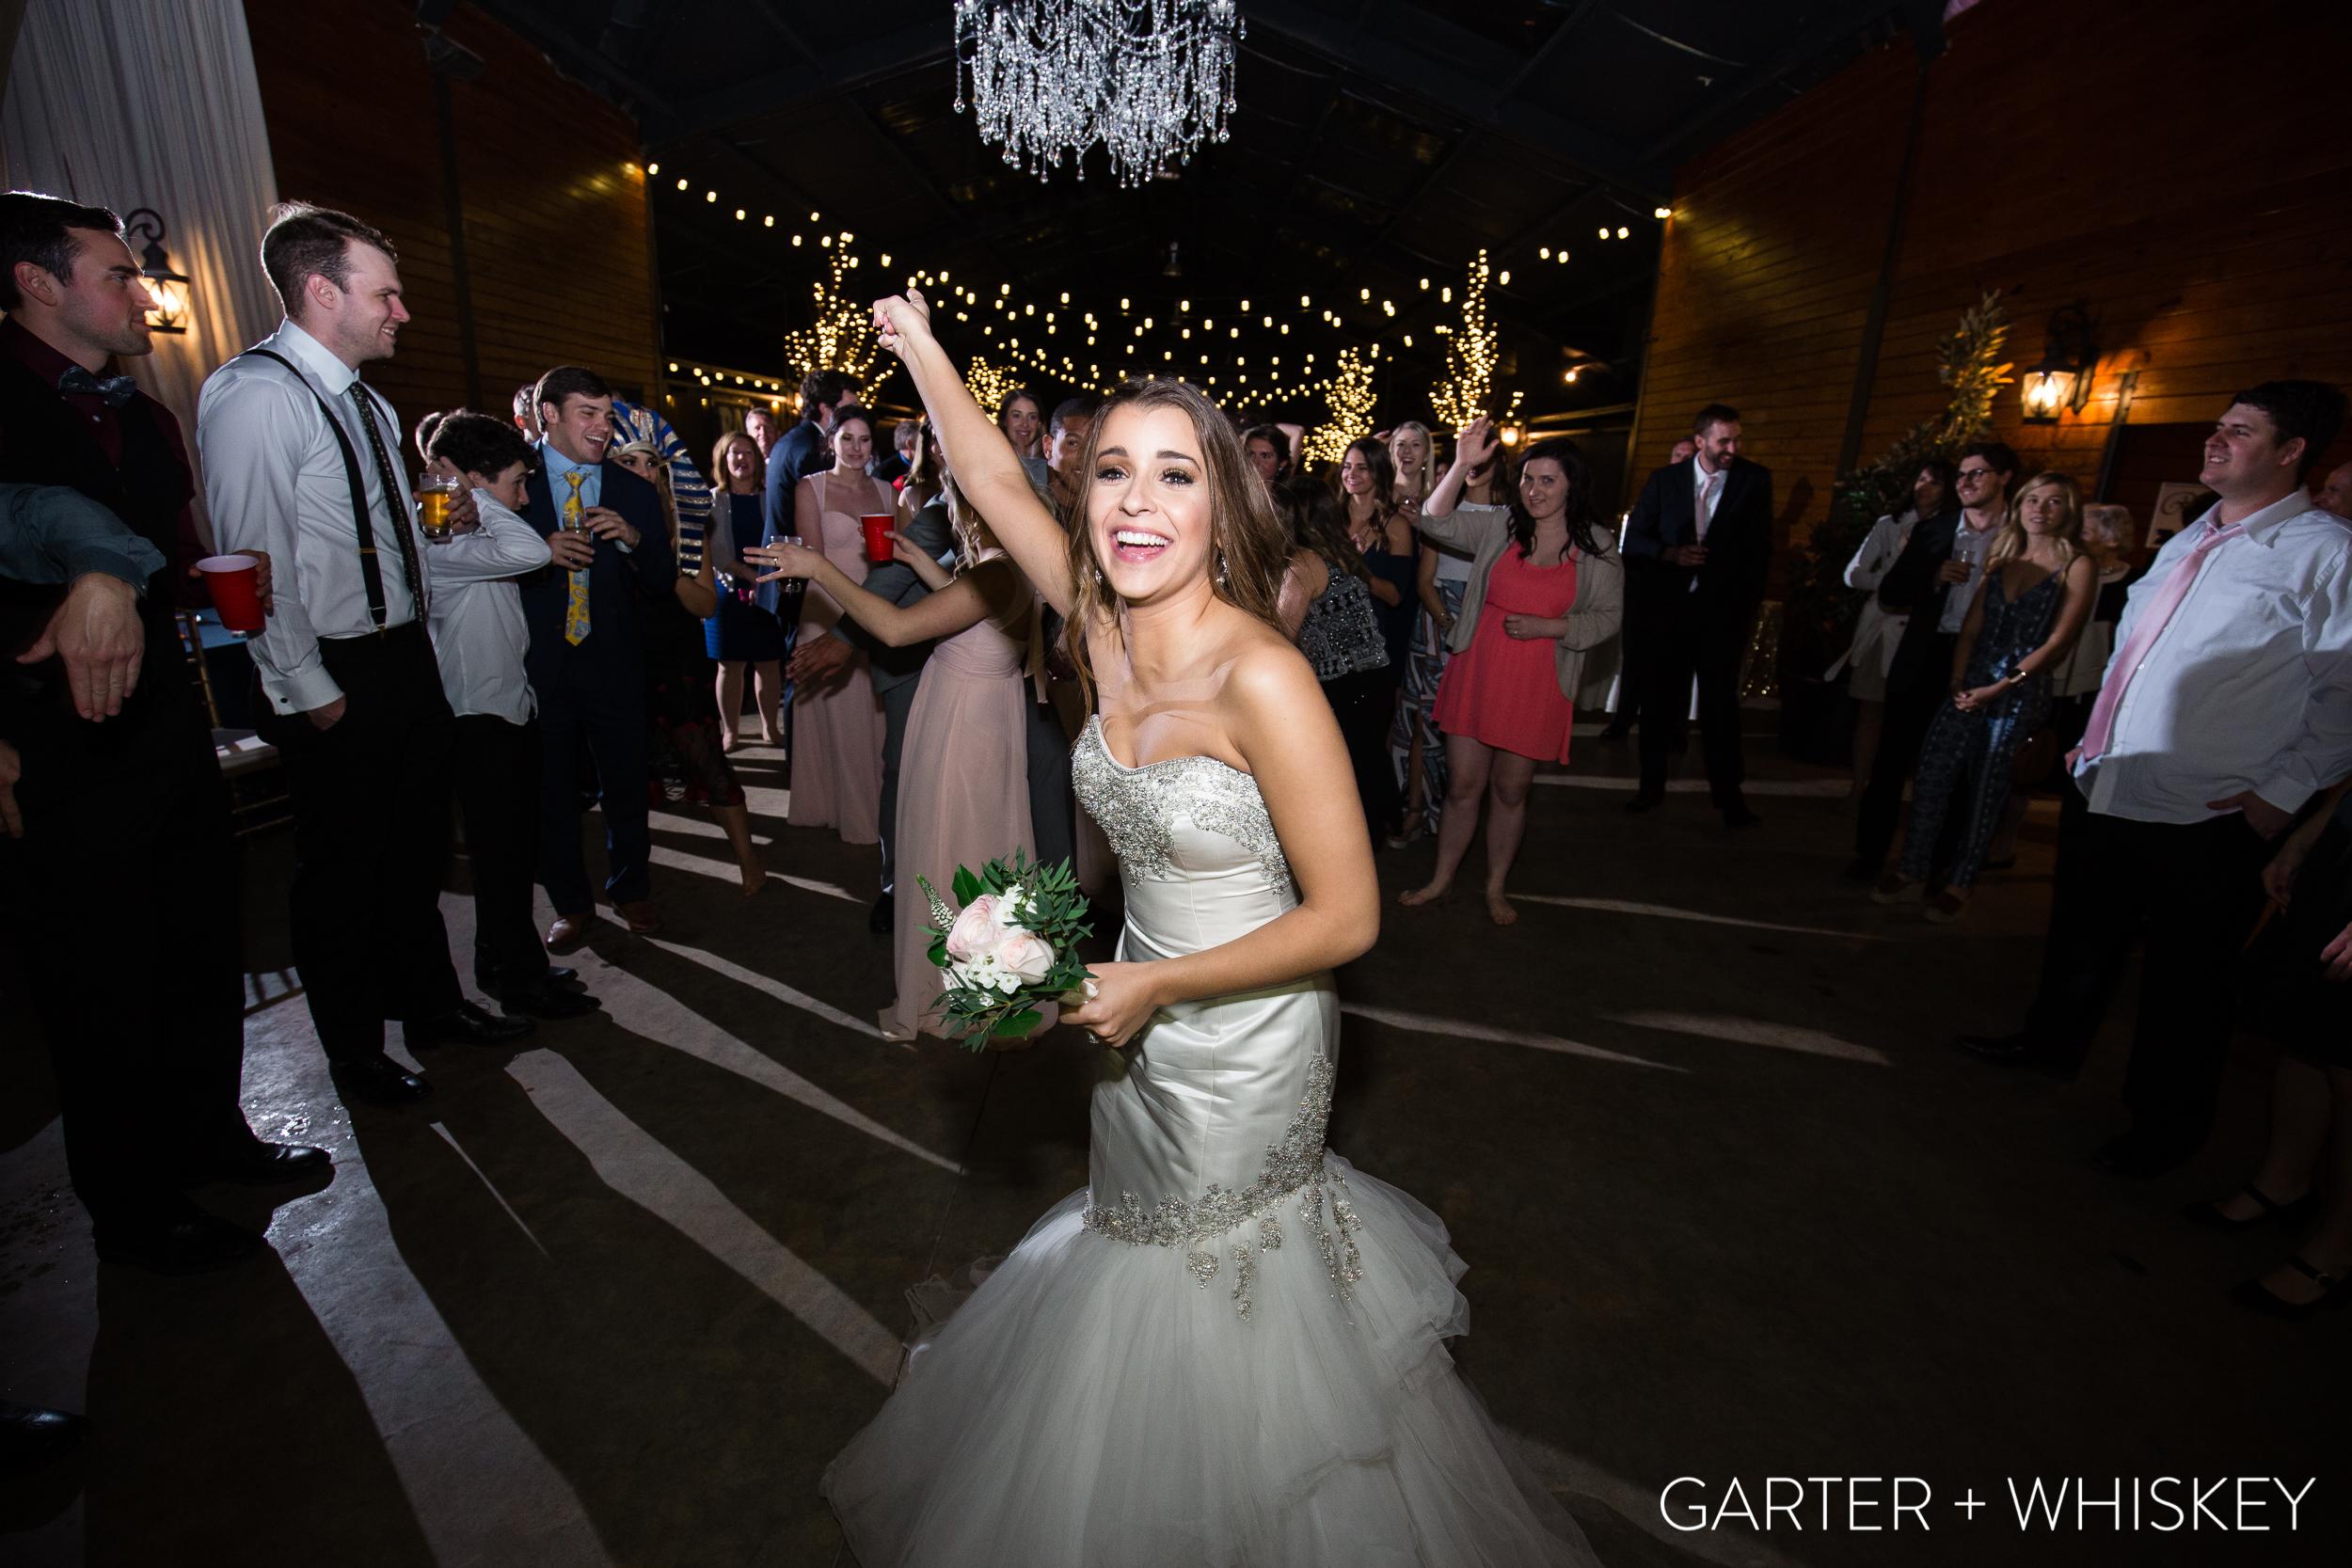 GY5A5114Laskey Wedding.jpg